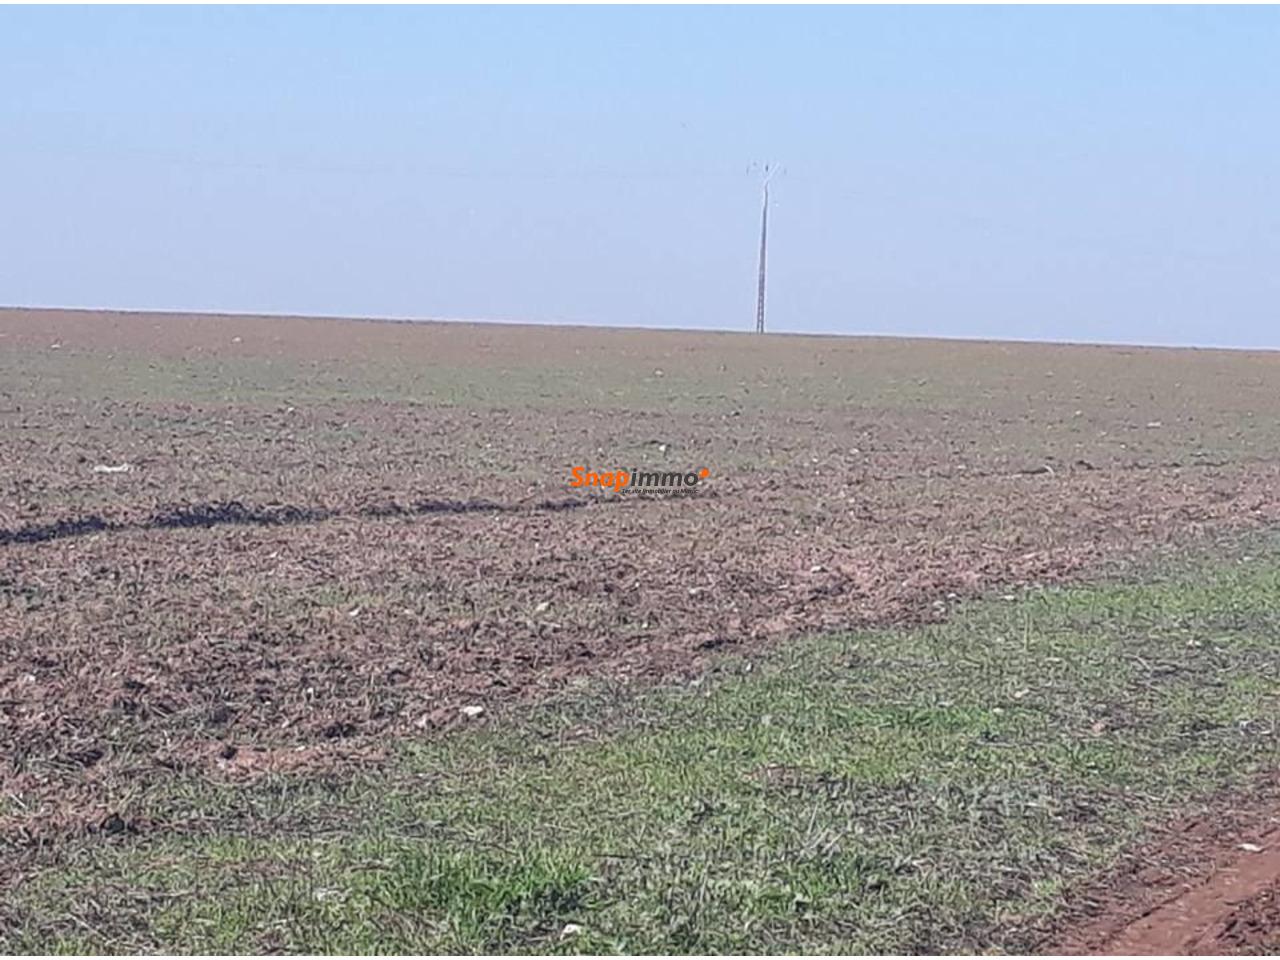 Vente terrain à Casablanca au prix de 800 dhs/m² Gsm 0637846987 / 0617016696 - 3/6